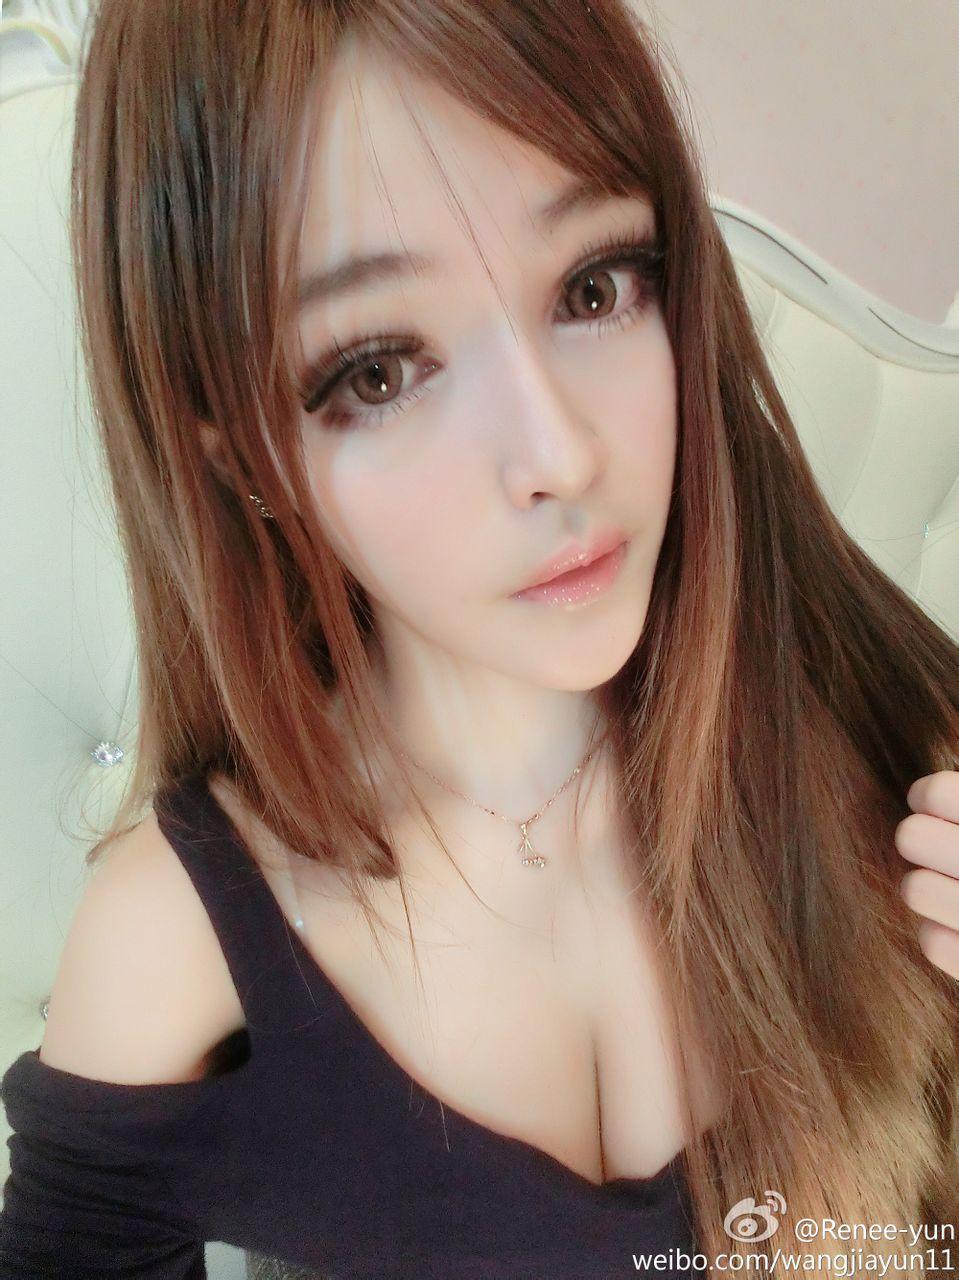 网络红人王嘉韵 无数宅男心目